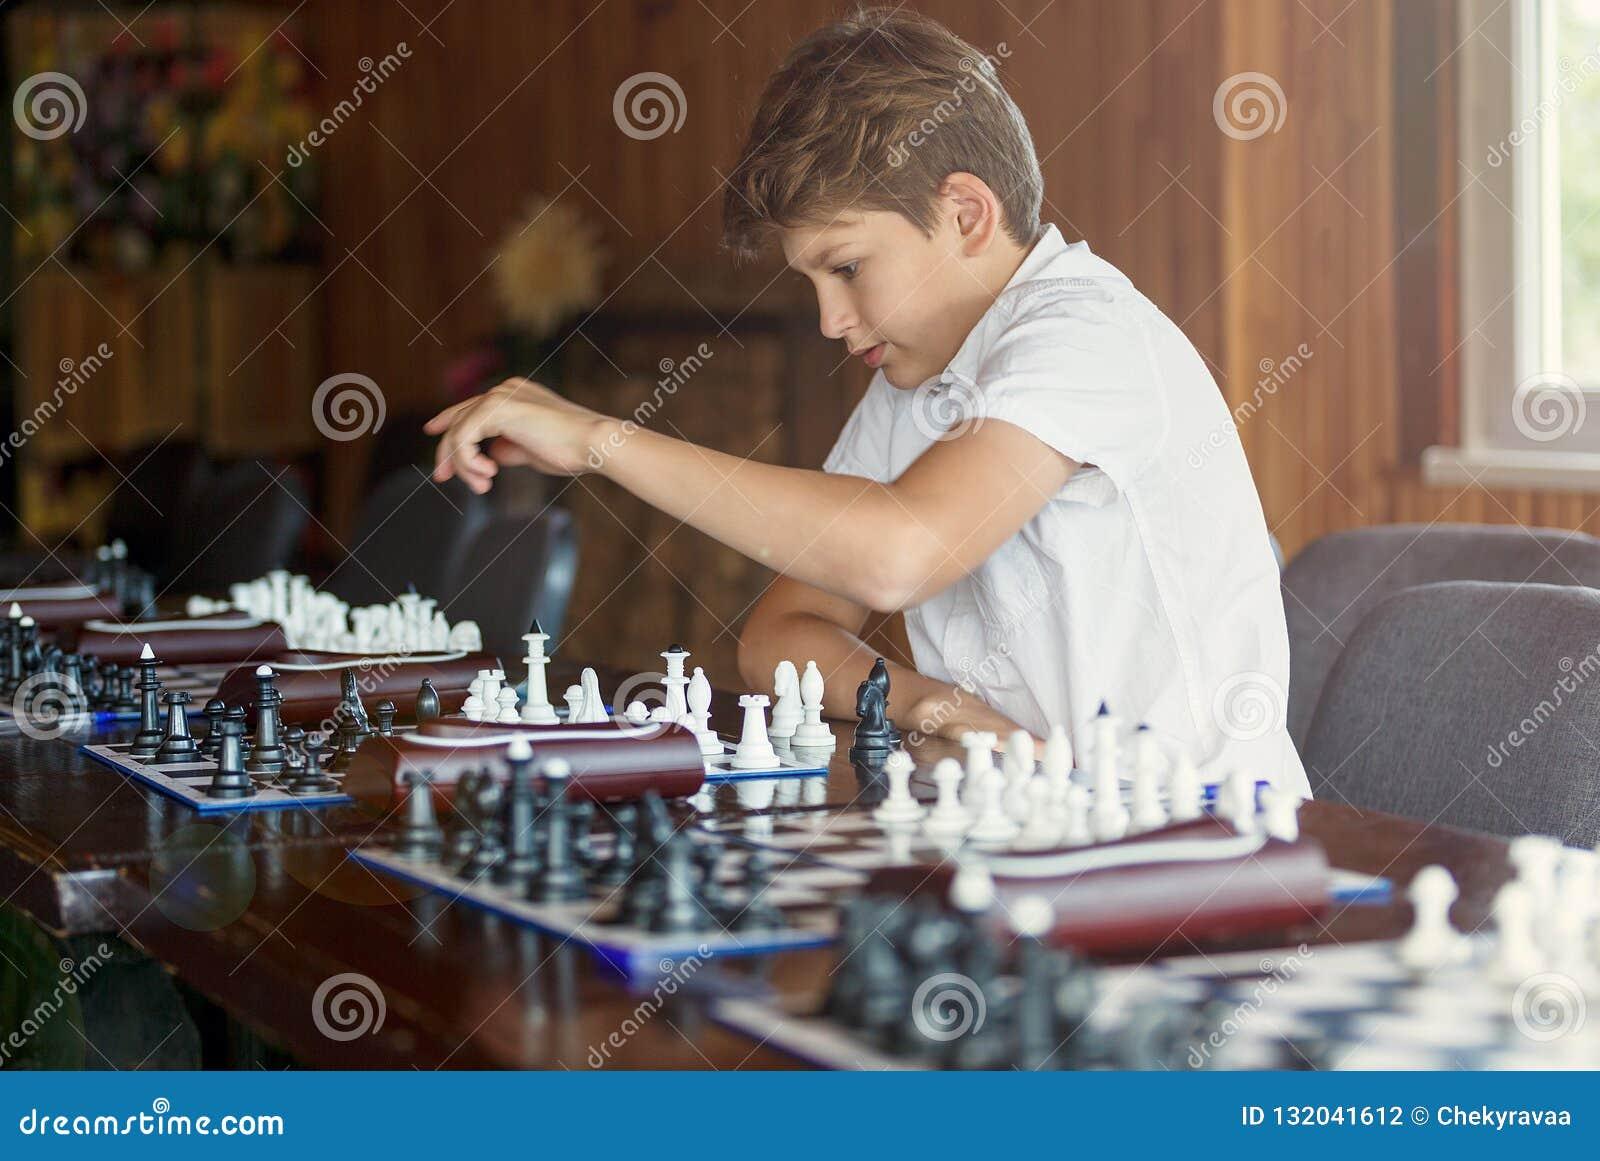 Χαριτωμένο, νέο σκάκι παιχνιδιών αγοριών με την ξύλινη σκακιέρα Πρωταθλήματα σκακιού, μάθημα, στρατόπεδο, κατάρτιση